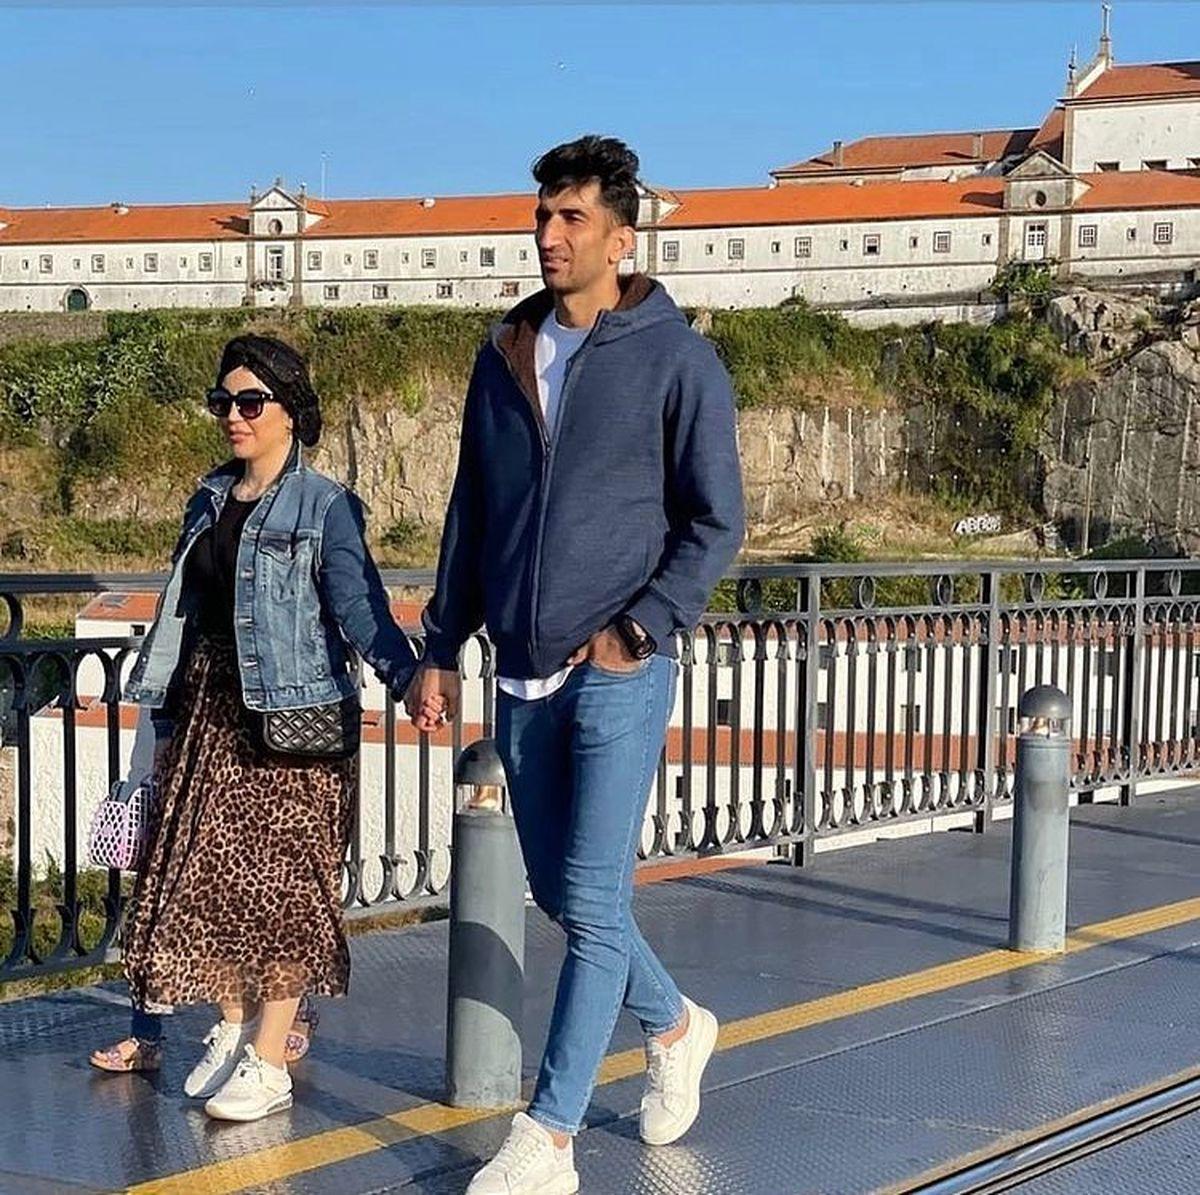 دوردور علیرضا بیرانوند با همسرش در اروپا + فیلم